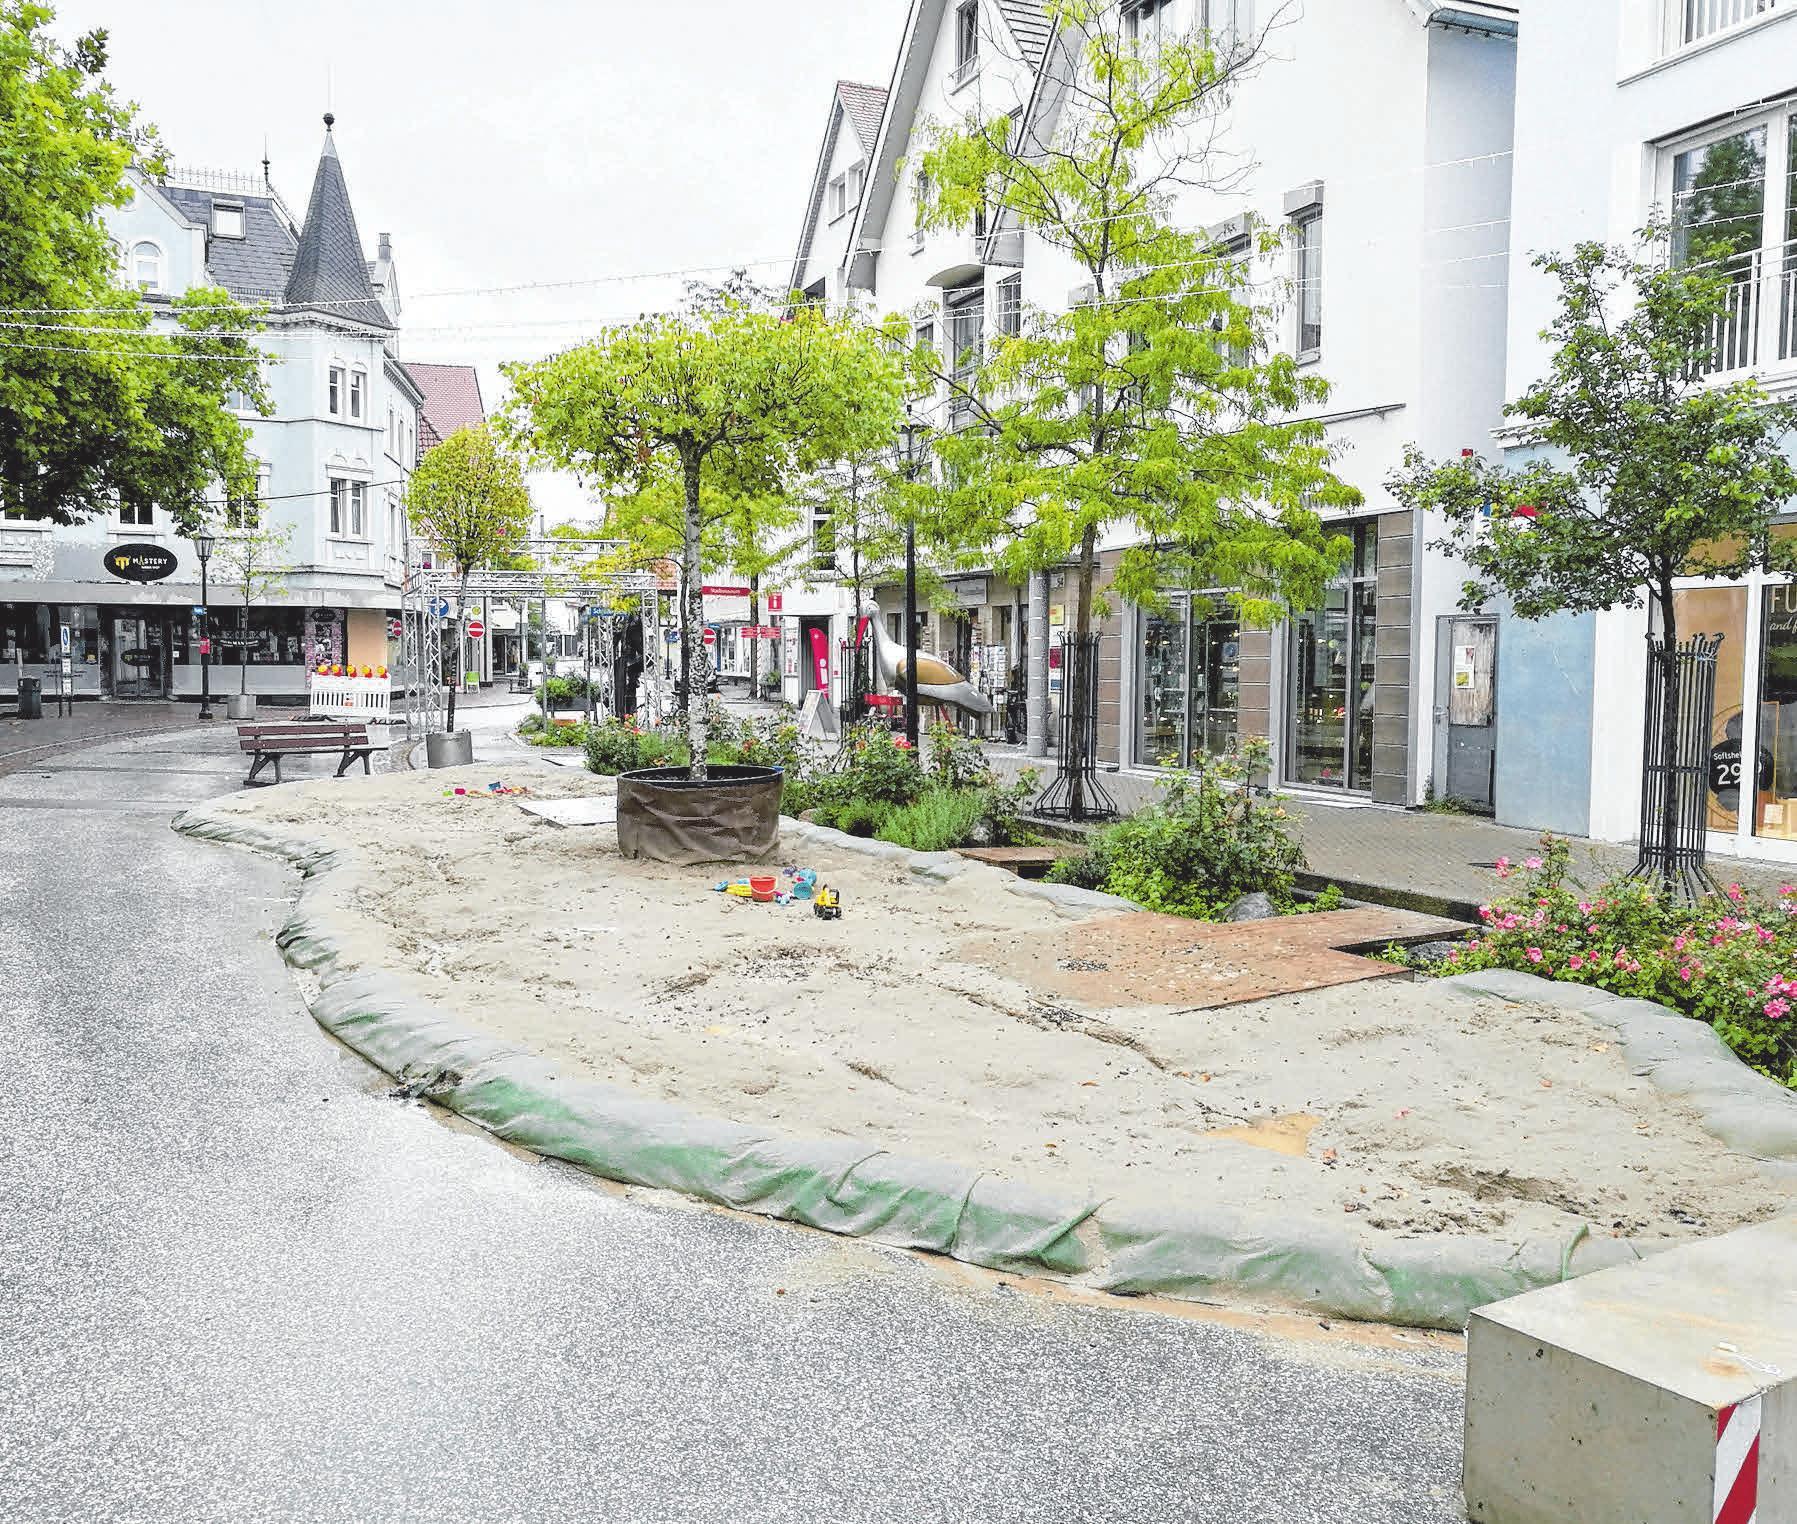 Bei über 20 Grad und Sonne am Langen Einkaufsabend werden der Strandsommer am Stadtbach (Foto) und der Stadtstrand beim Luegebrunnen die Top Locations vieler Kinder sein.